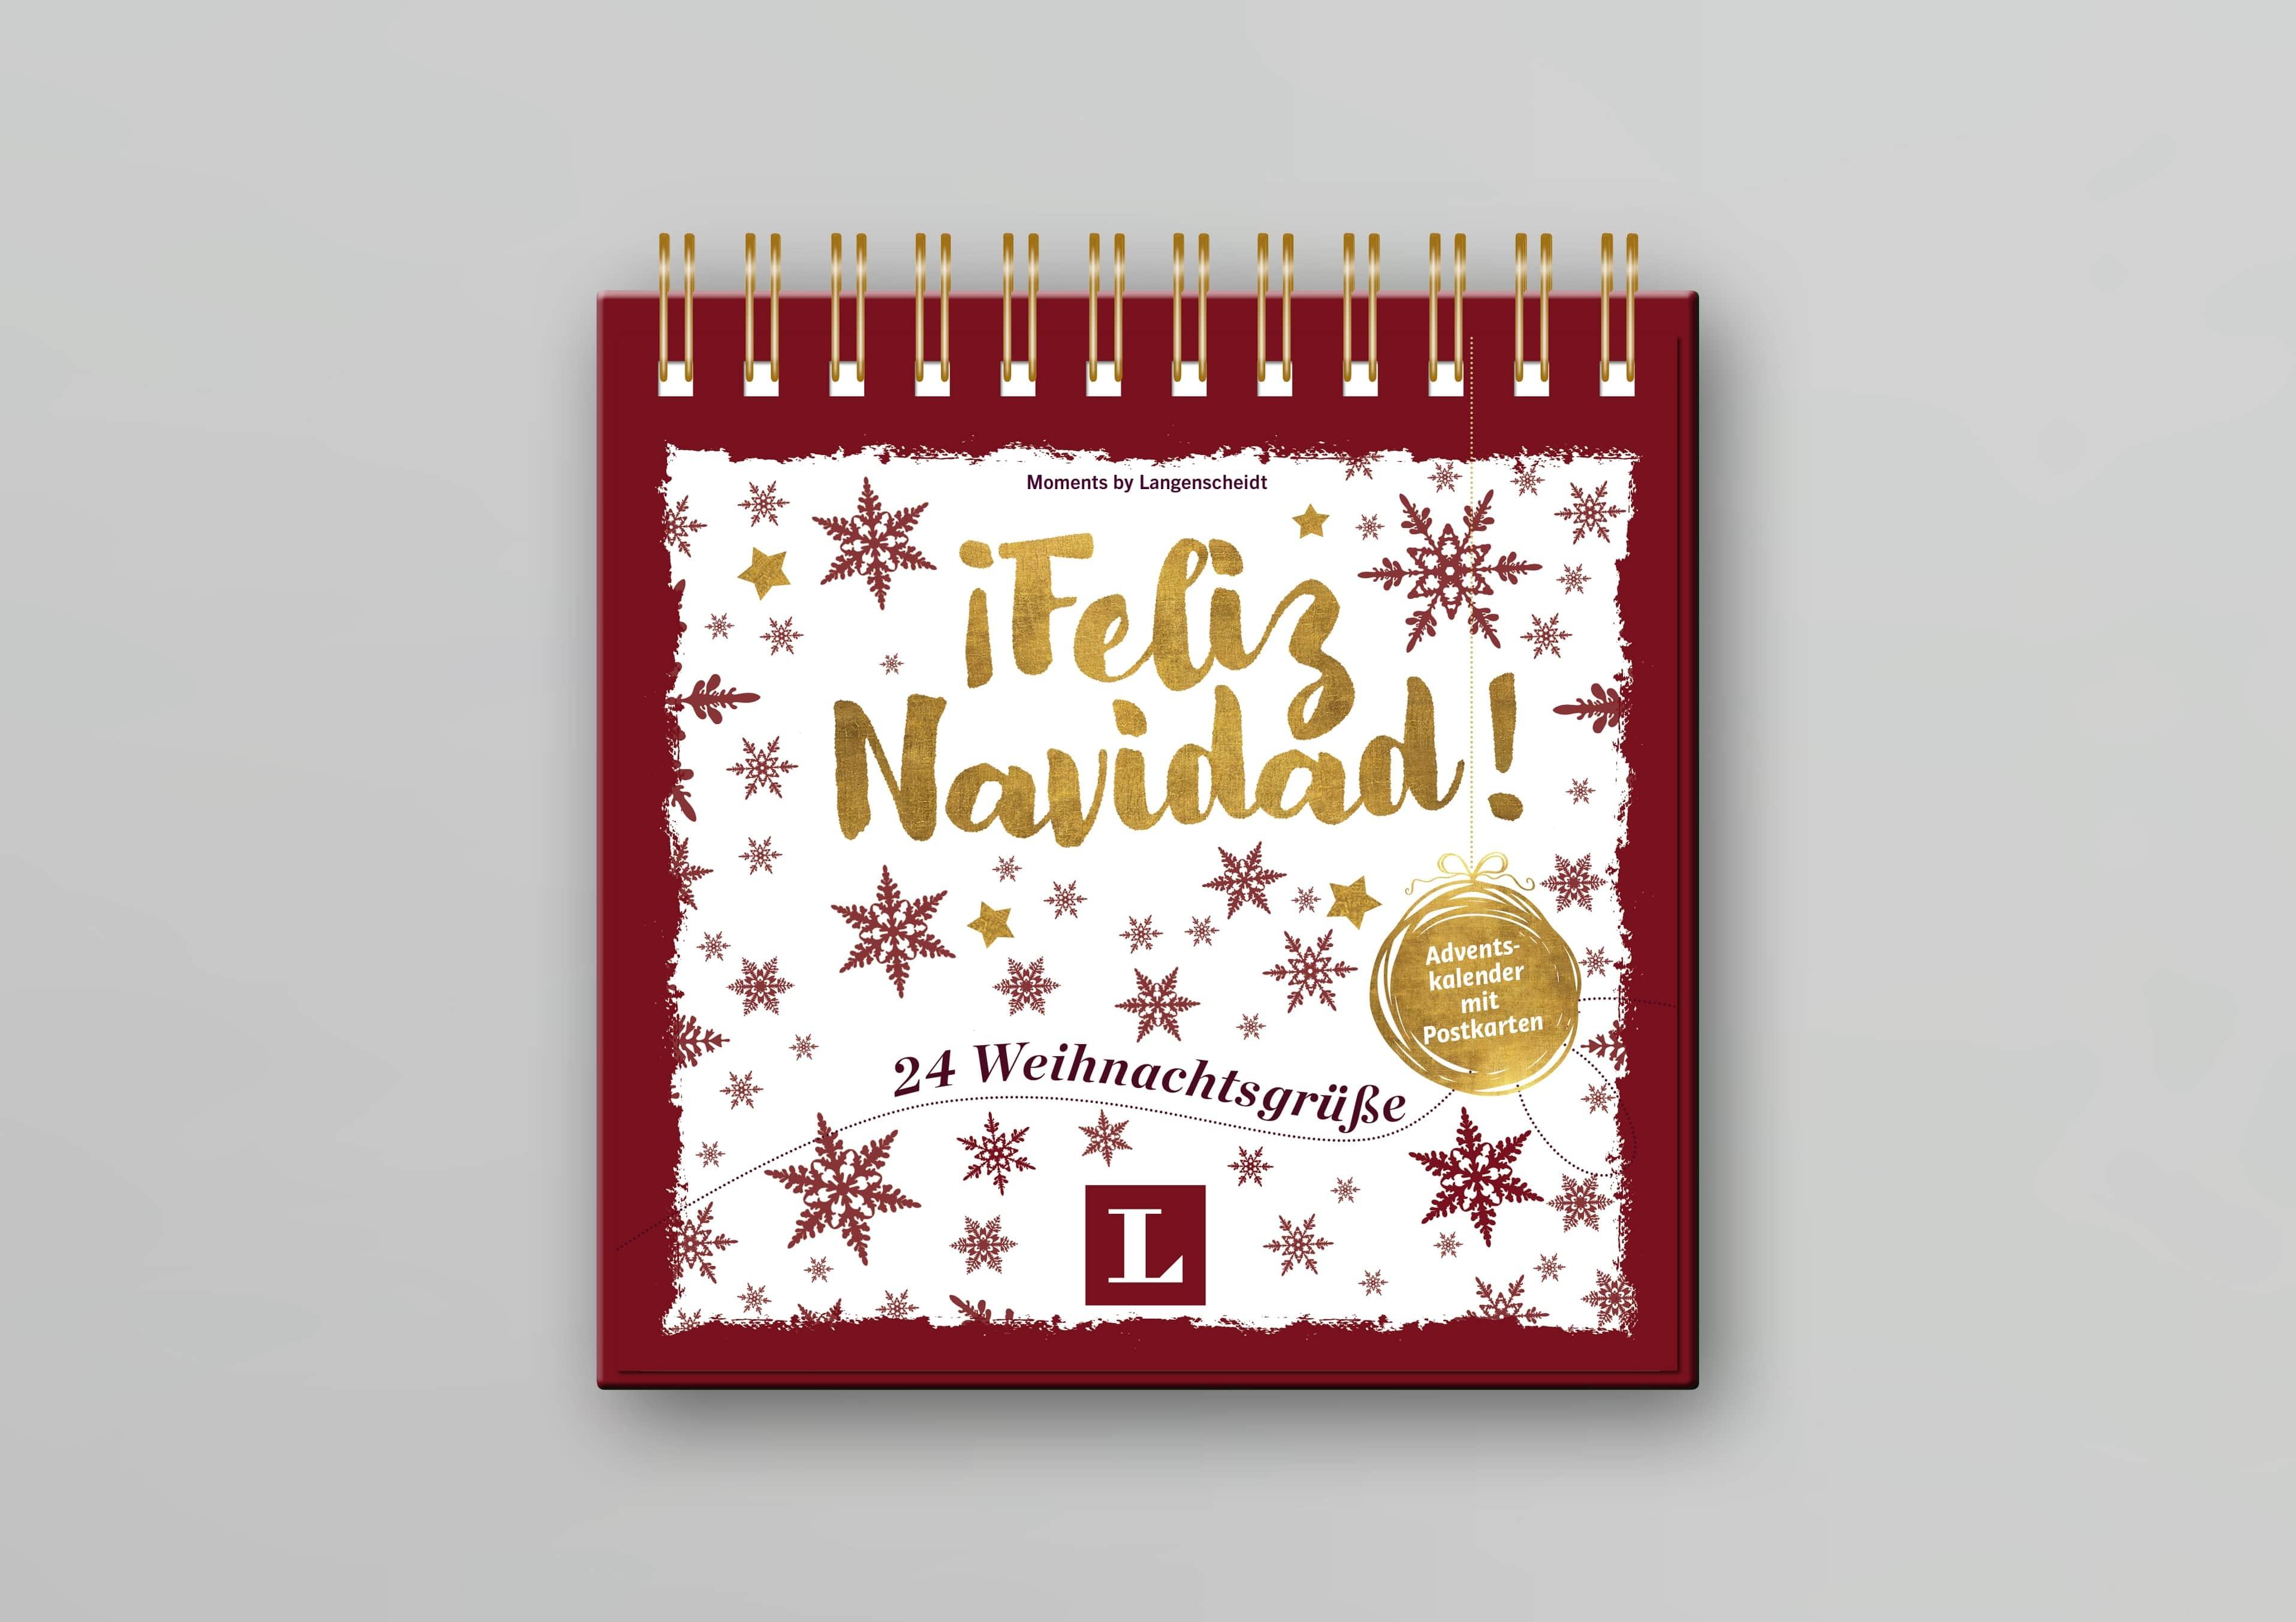 Langenscheidt-Kalender-E-CVR